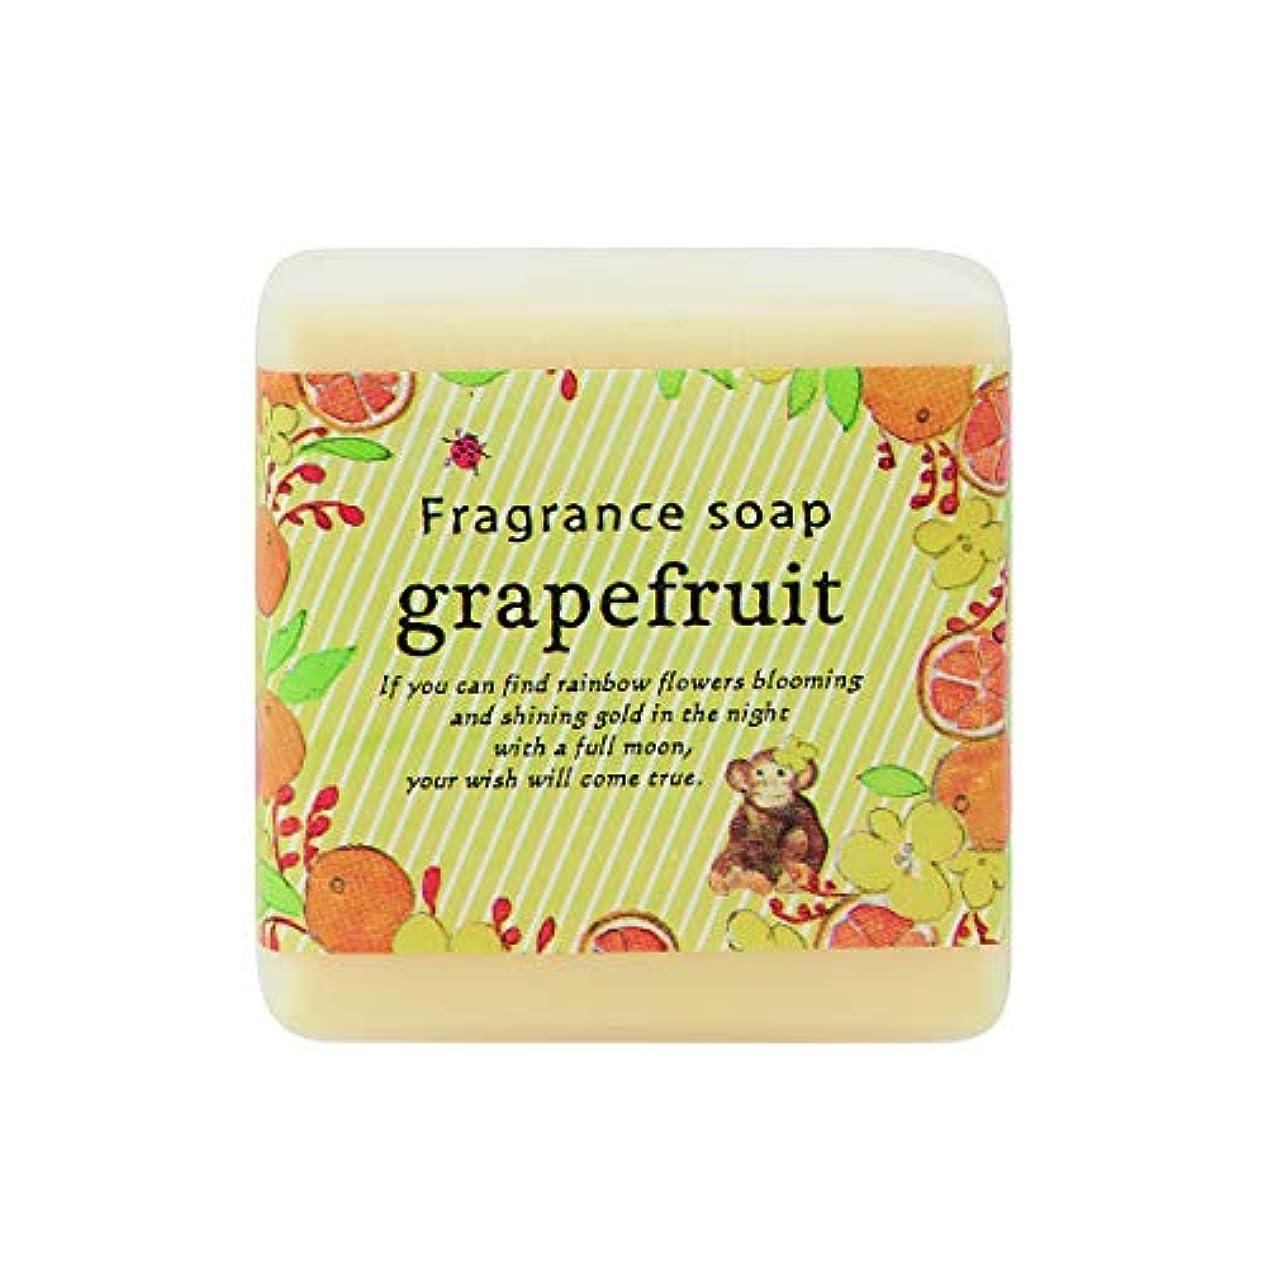 不運ボス脊椎サンハーブ フレグランスソープ40g グレープフルーツ 12個(プチ石けん ゲストソープ シャキっとまぶしい柑橘系の香り)